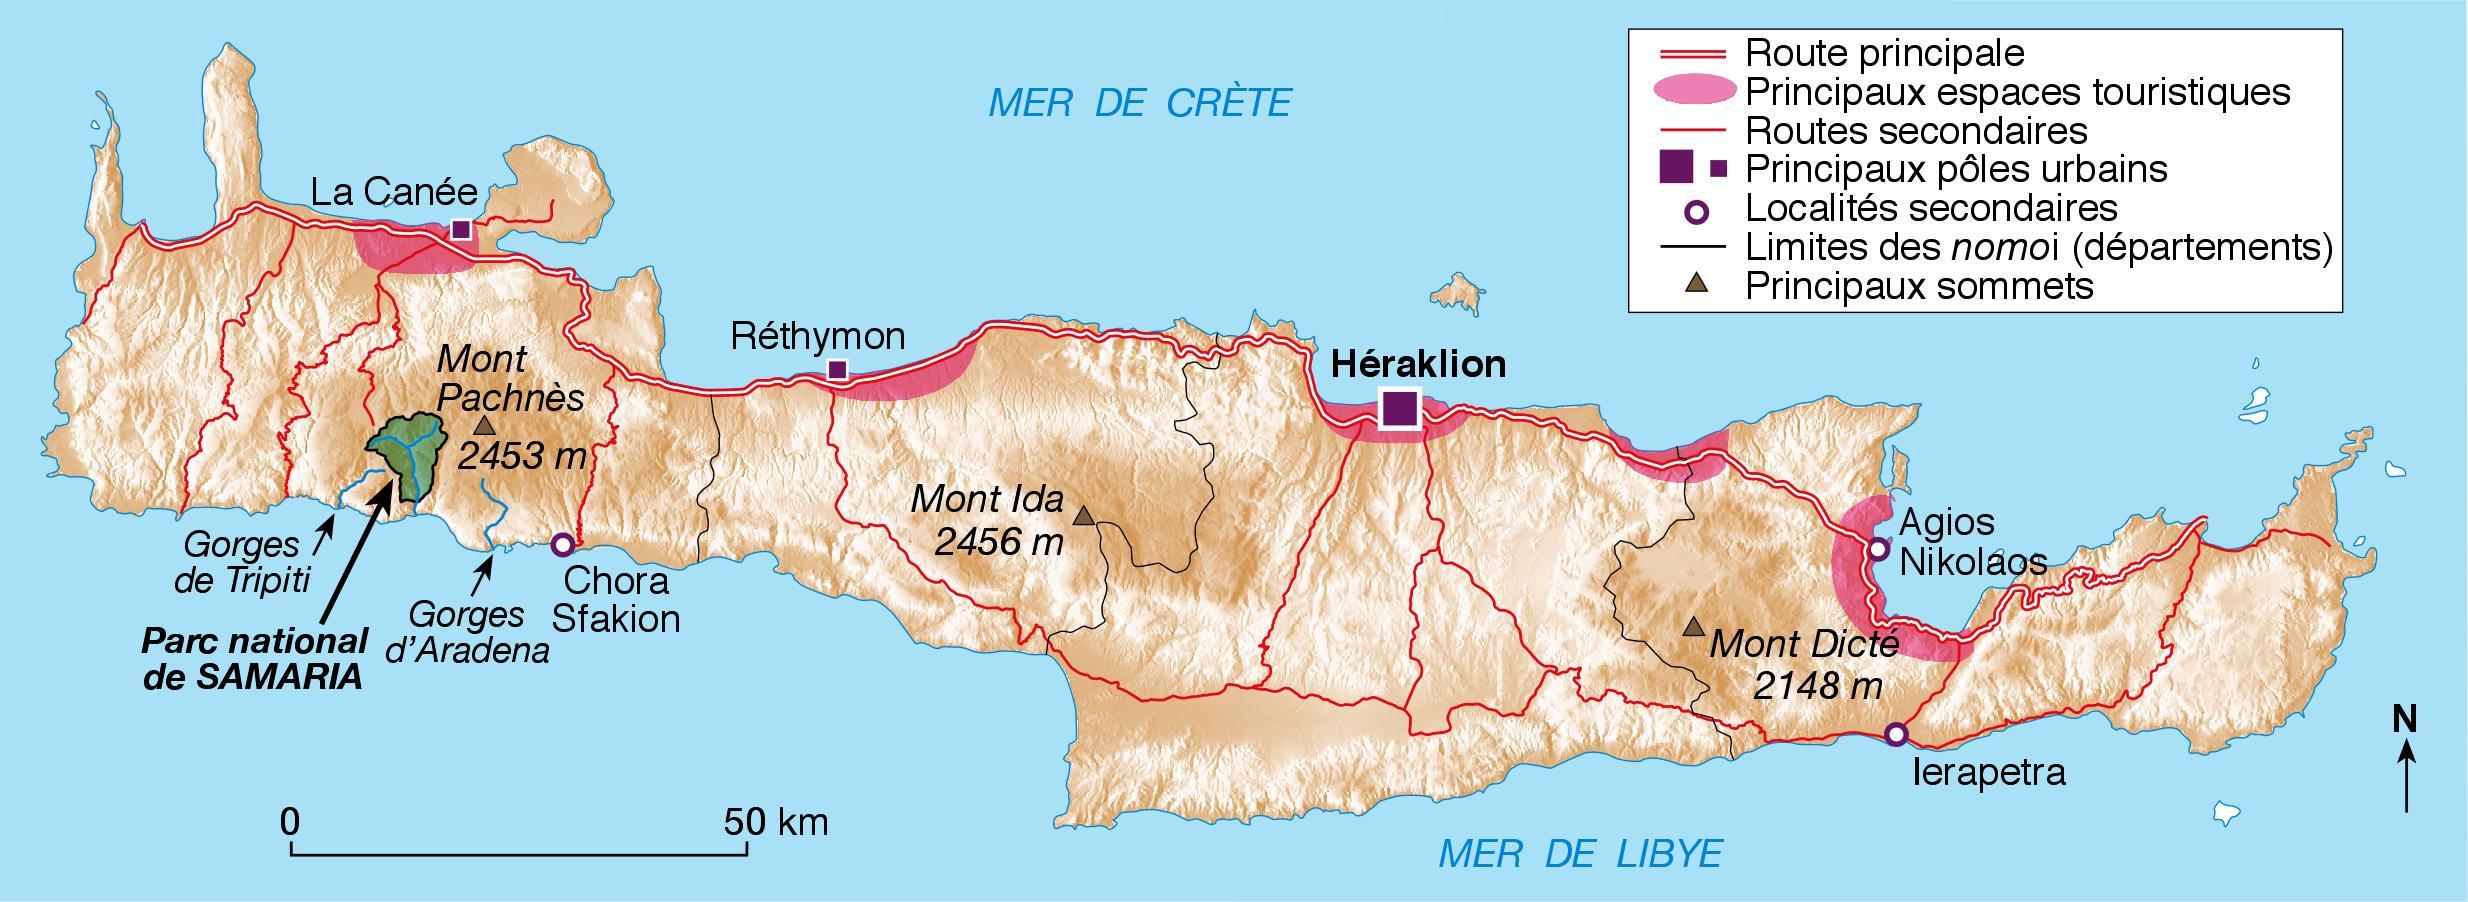 Carte Topographique Crete.Le Parc National De Samaria Montagnes Blanches Crete